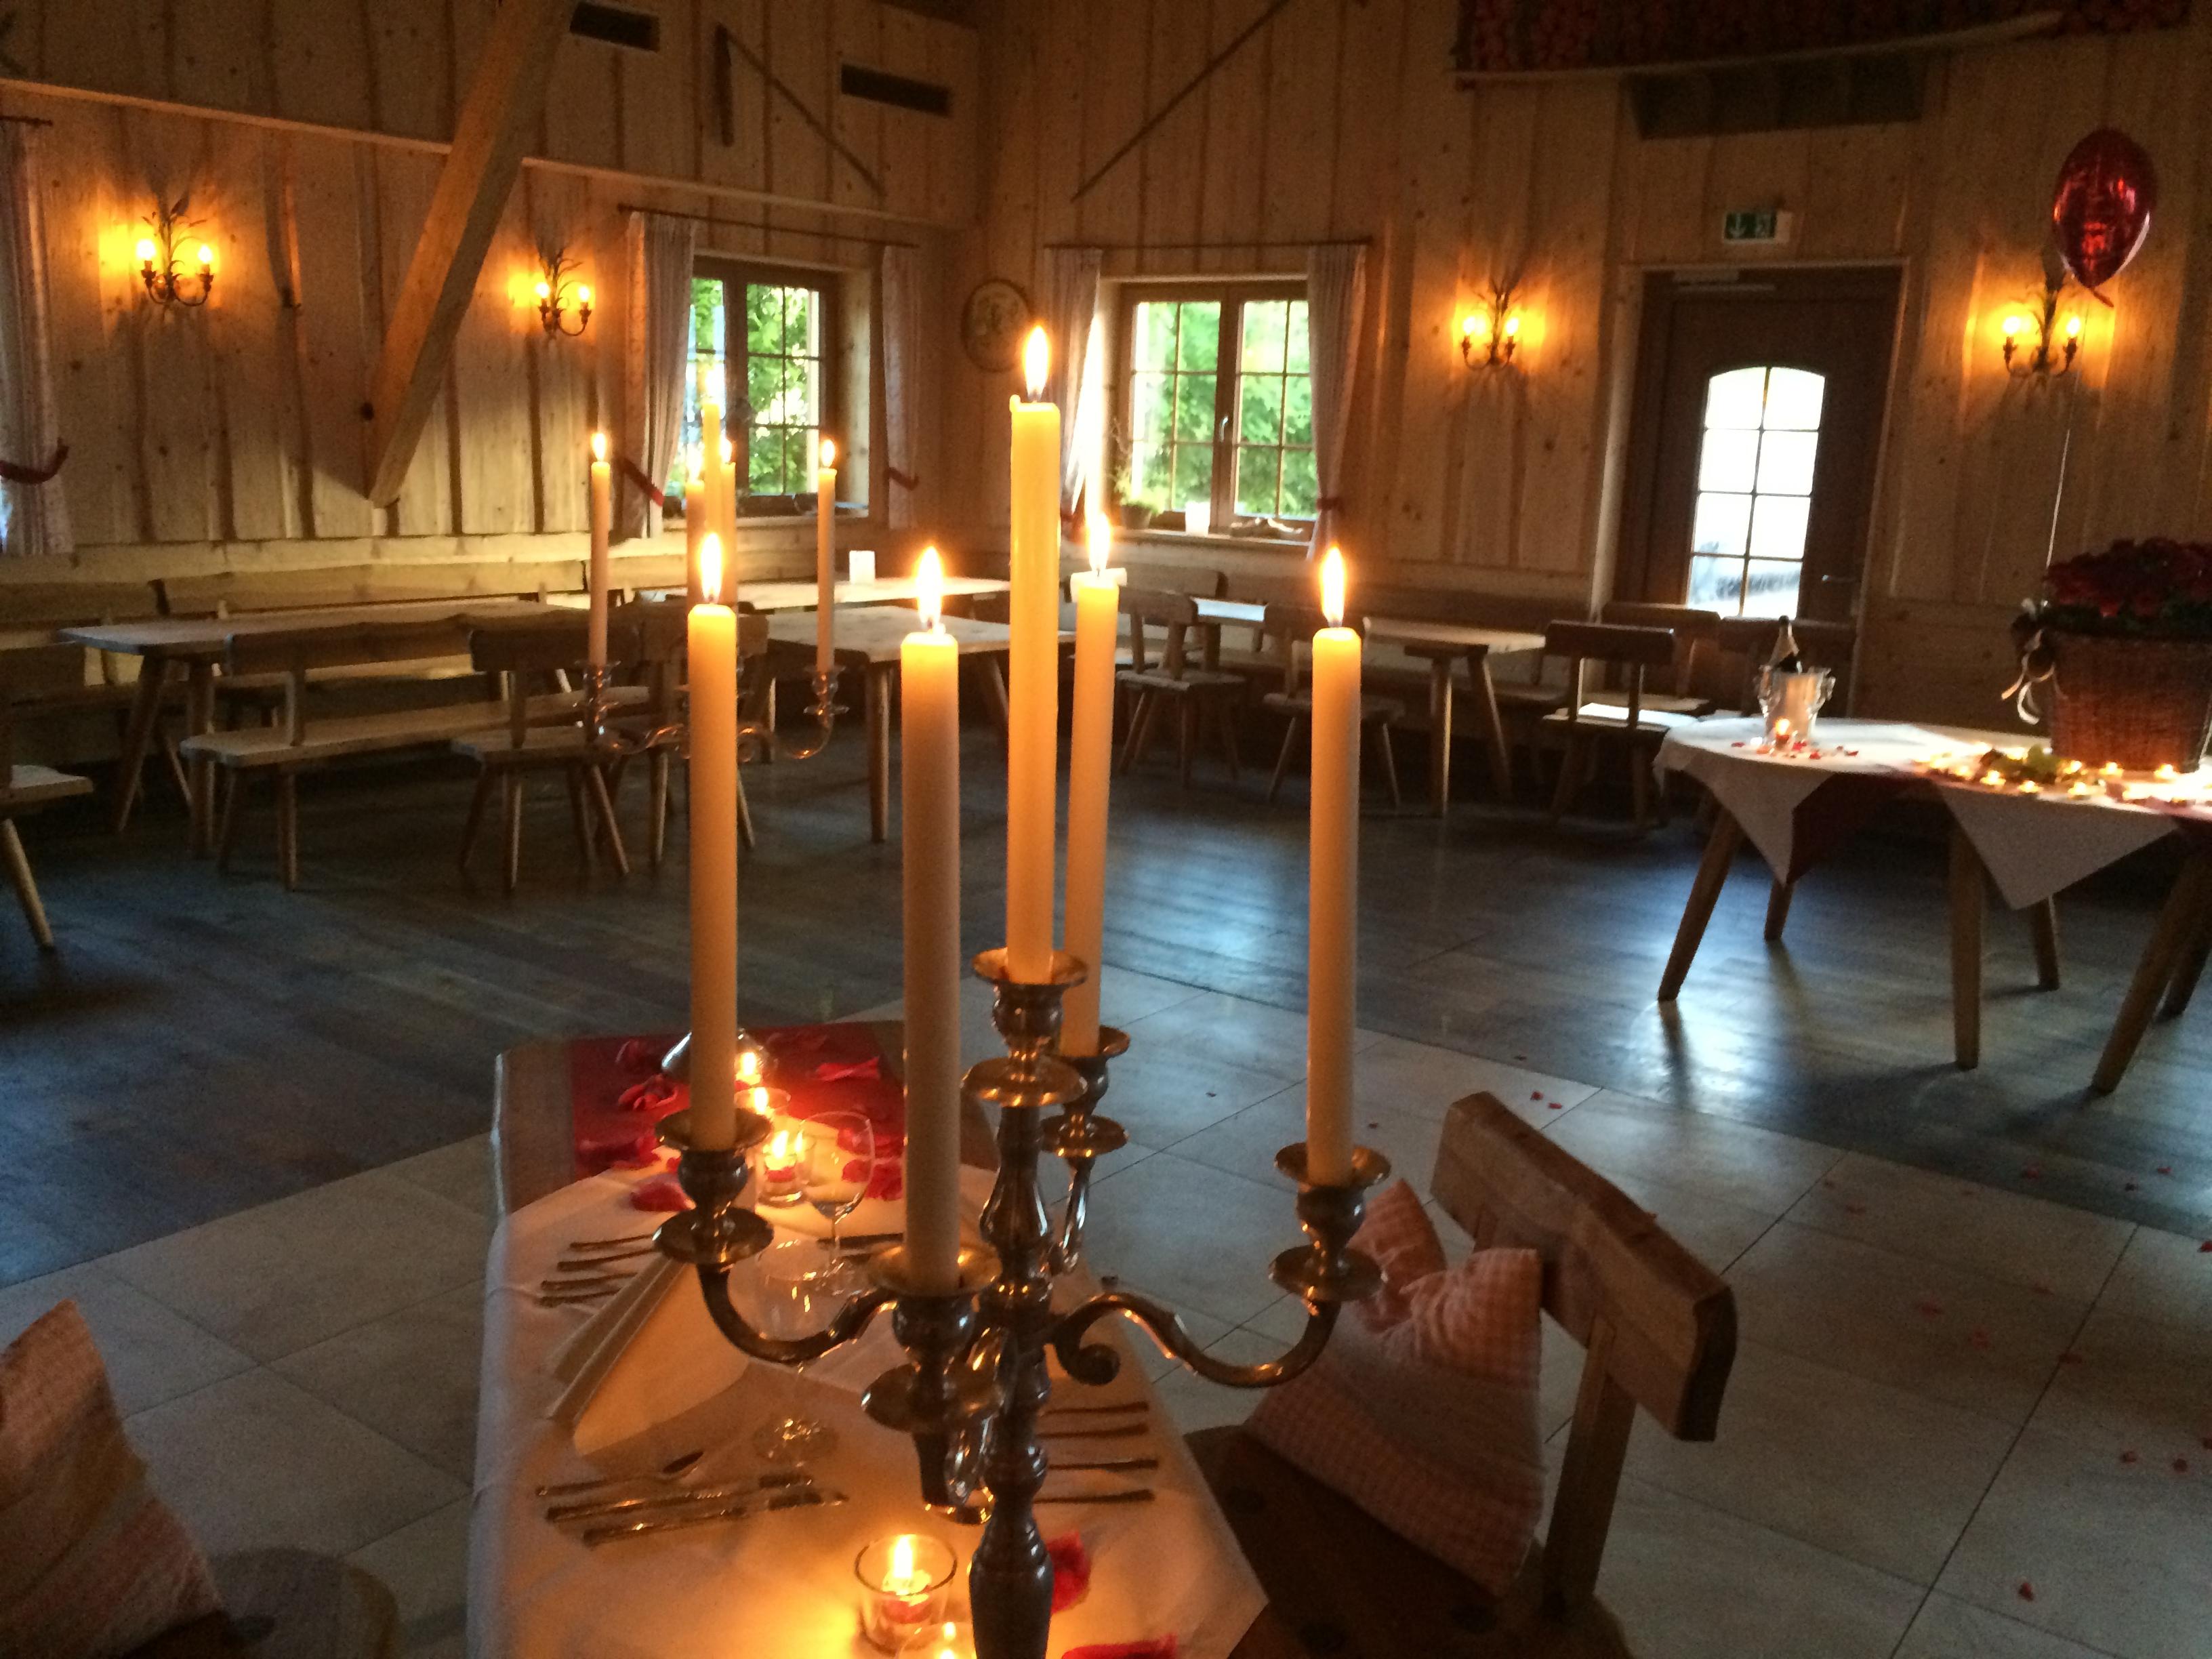 Hochzeit location erding